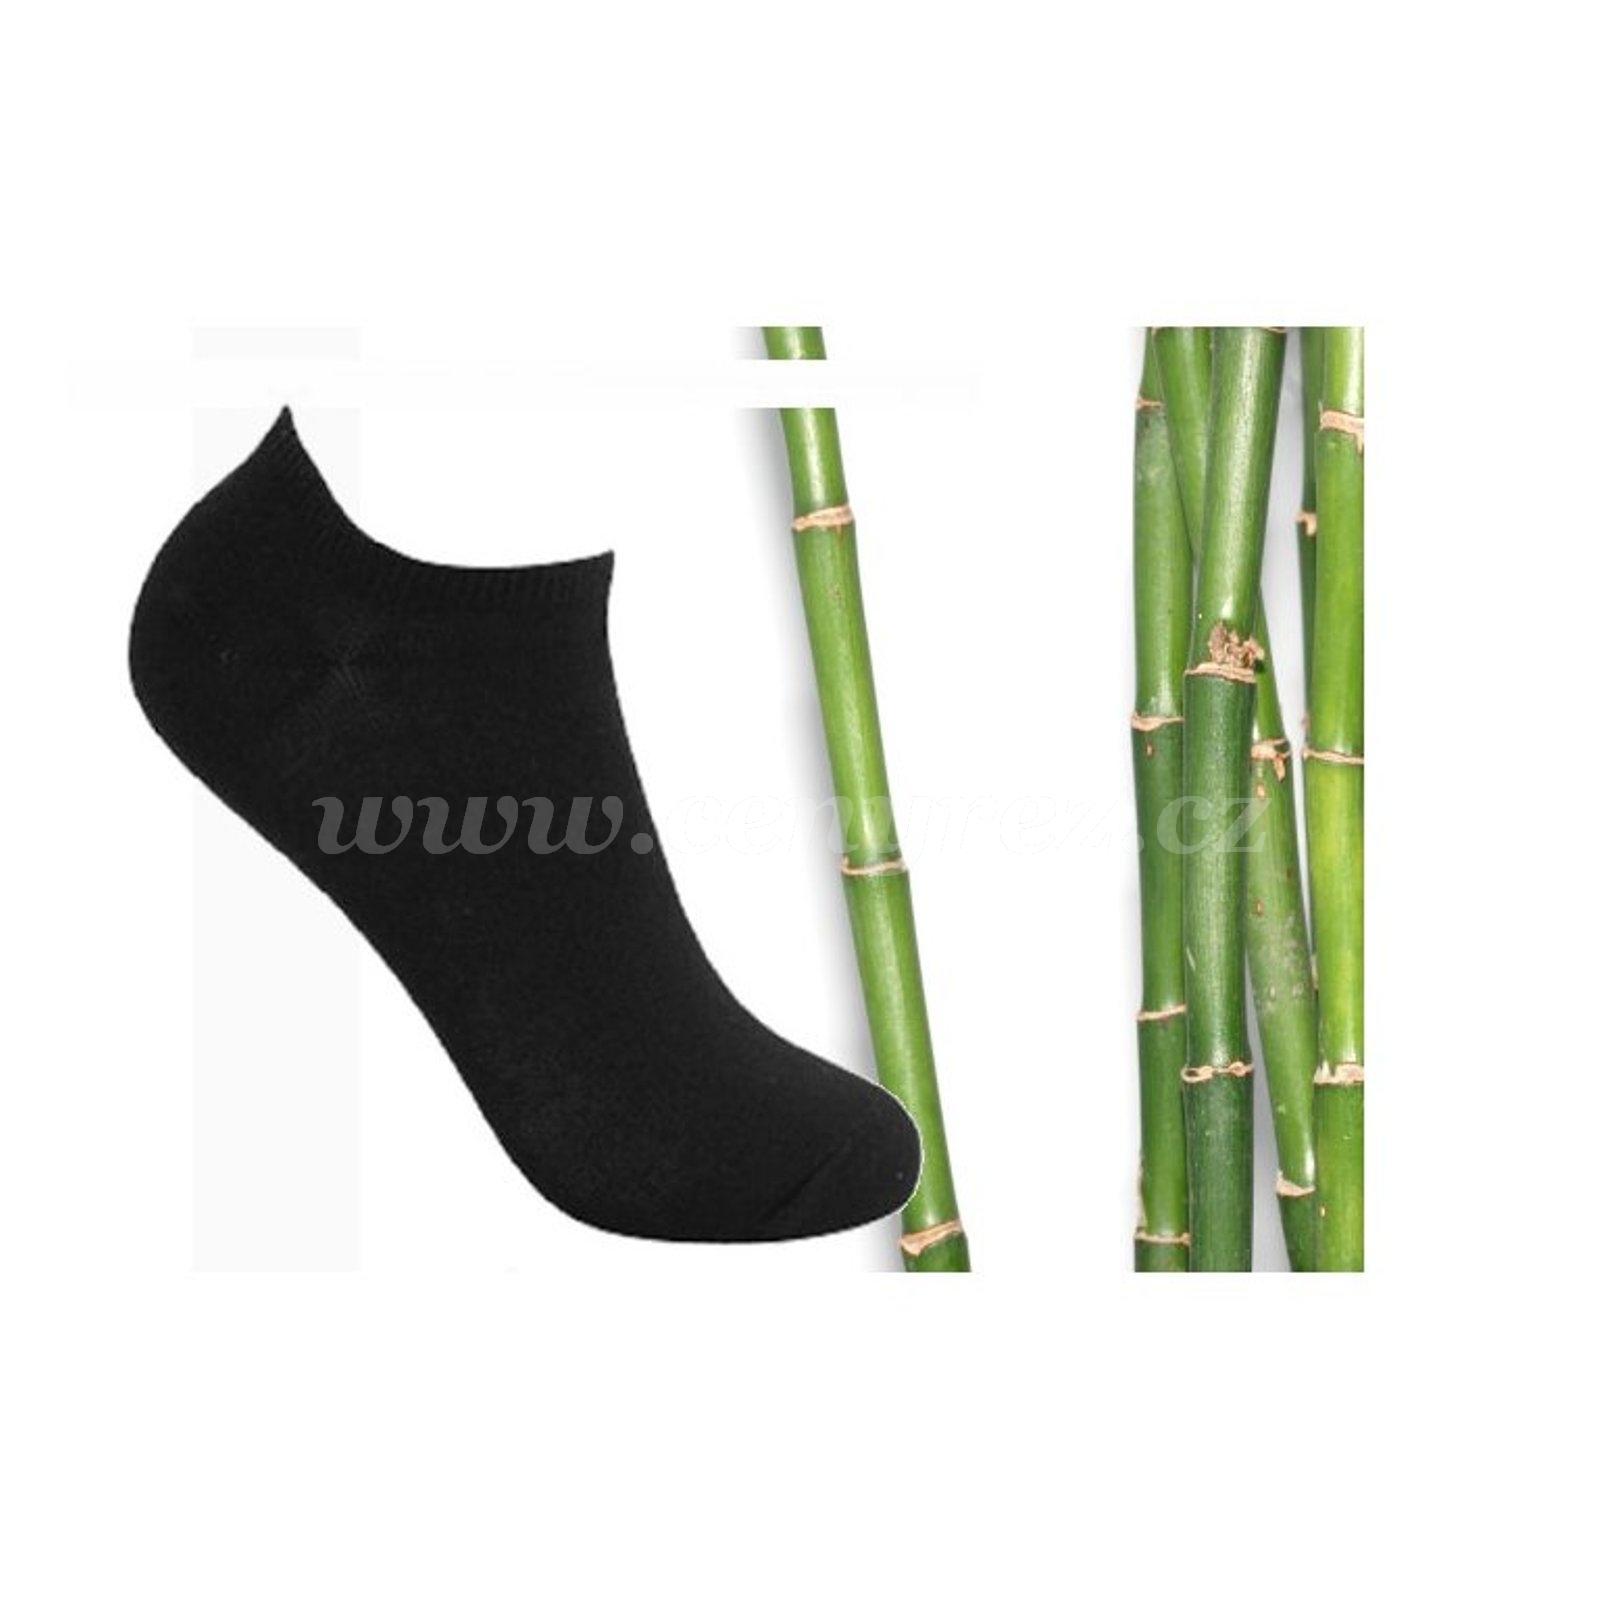 db46c825fe9 Kotníkové bambusové ponožky - CenyŘez